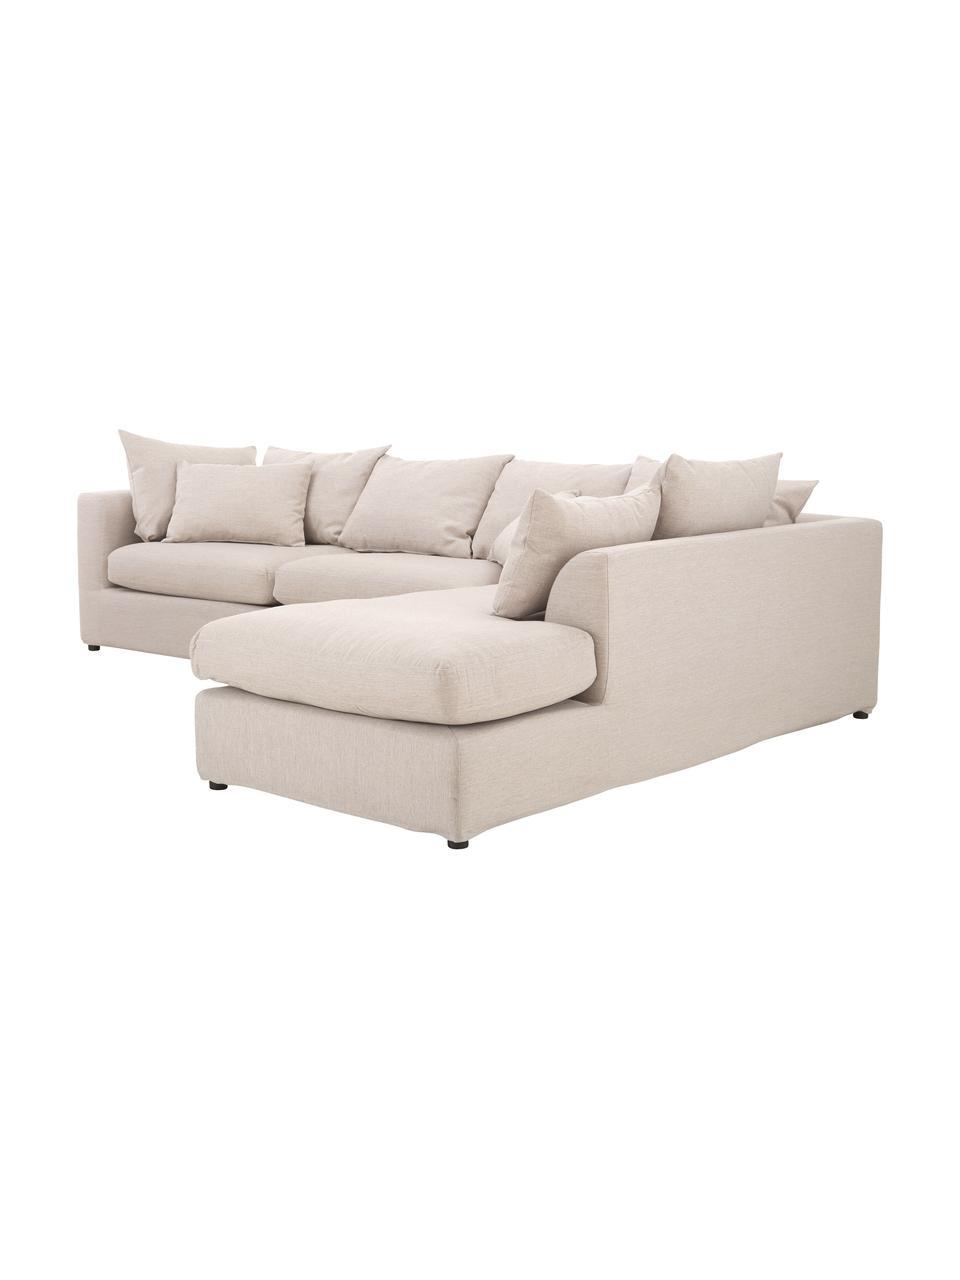 Duża sofa narożna Zach, Tapicerka: polipropylen Dzięki tkani, Nogi: tworzywo sztuczne, Beżowy, S 300 x G 213 cm